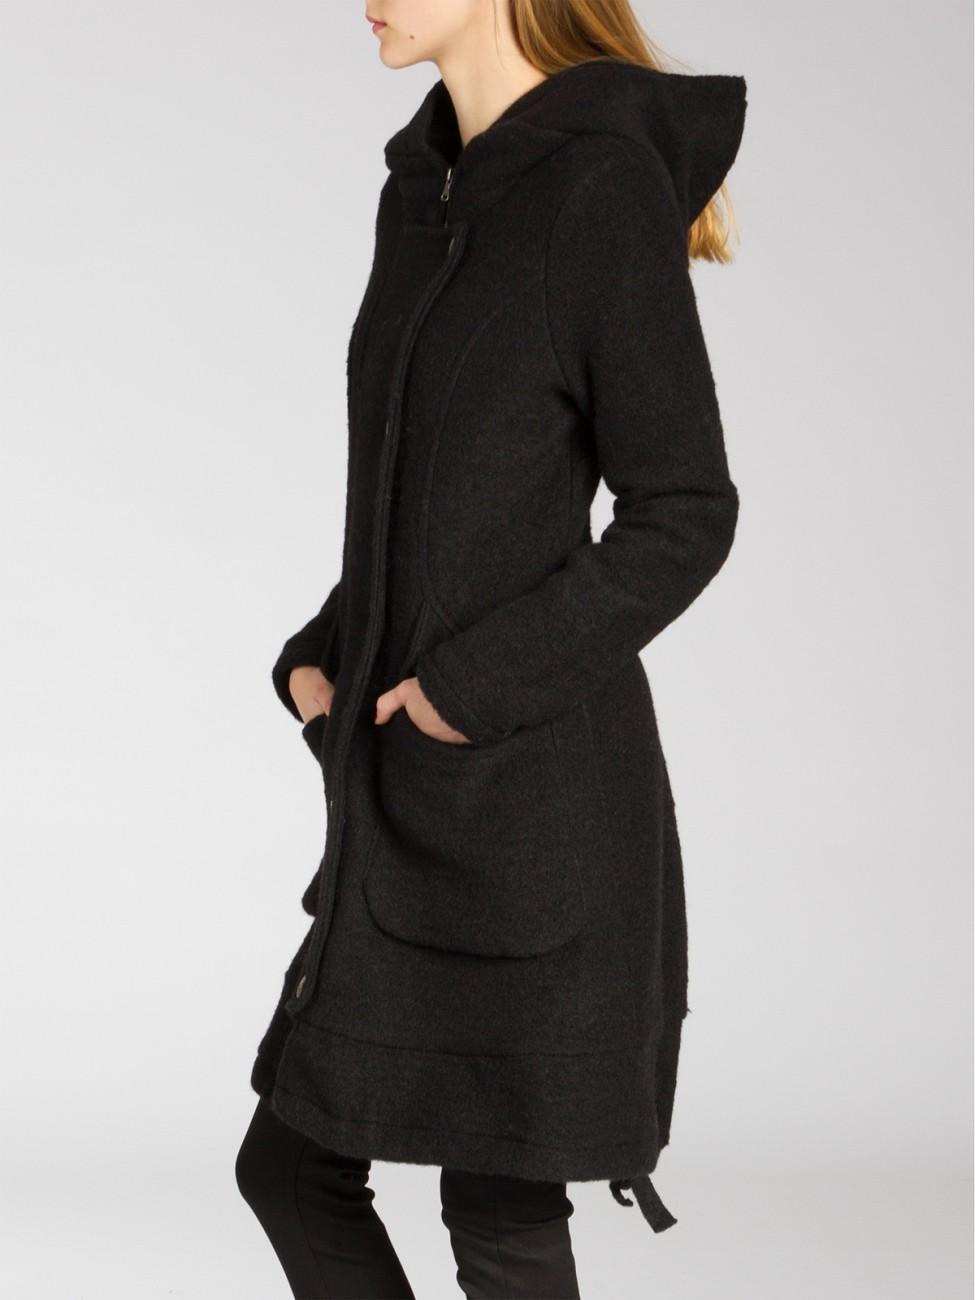 Wollmäntel für Damen online kaufen. Bei Breuninger finden Sie eine große Auswahl von Wollmäntel und attraktiver Artikel.